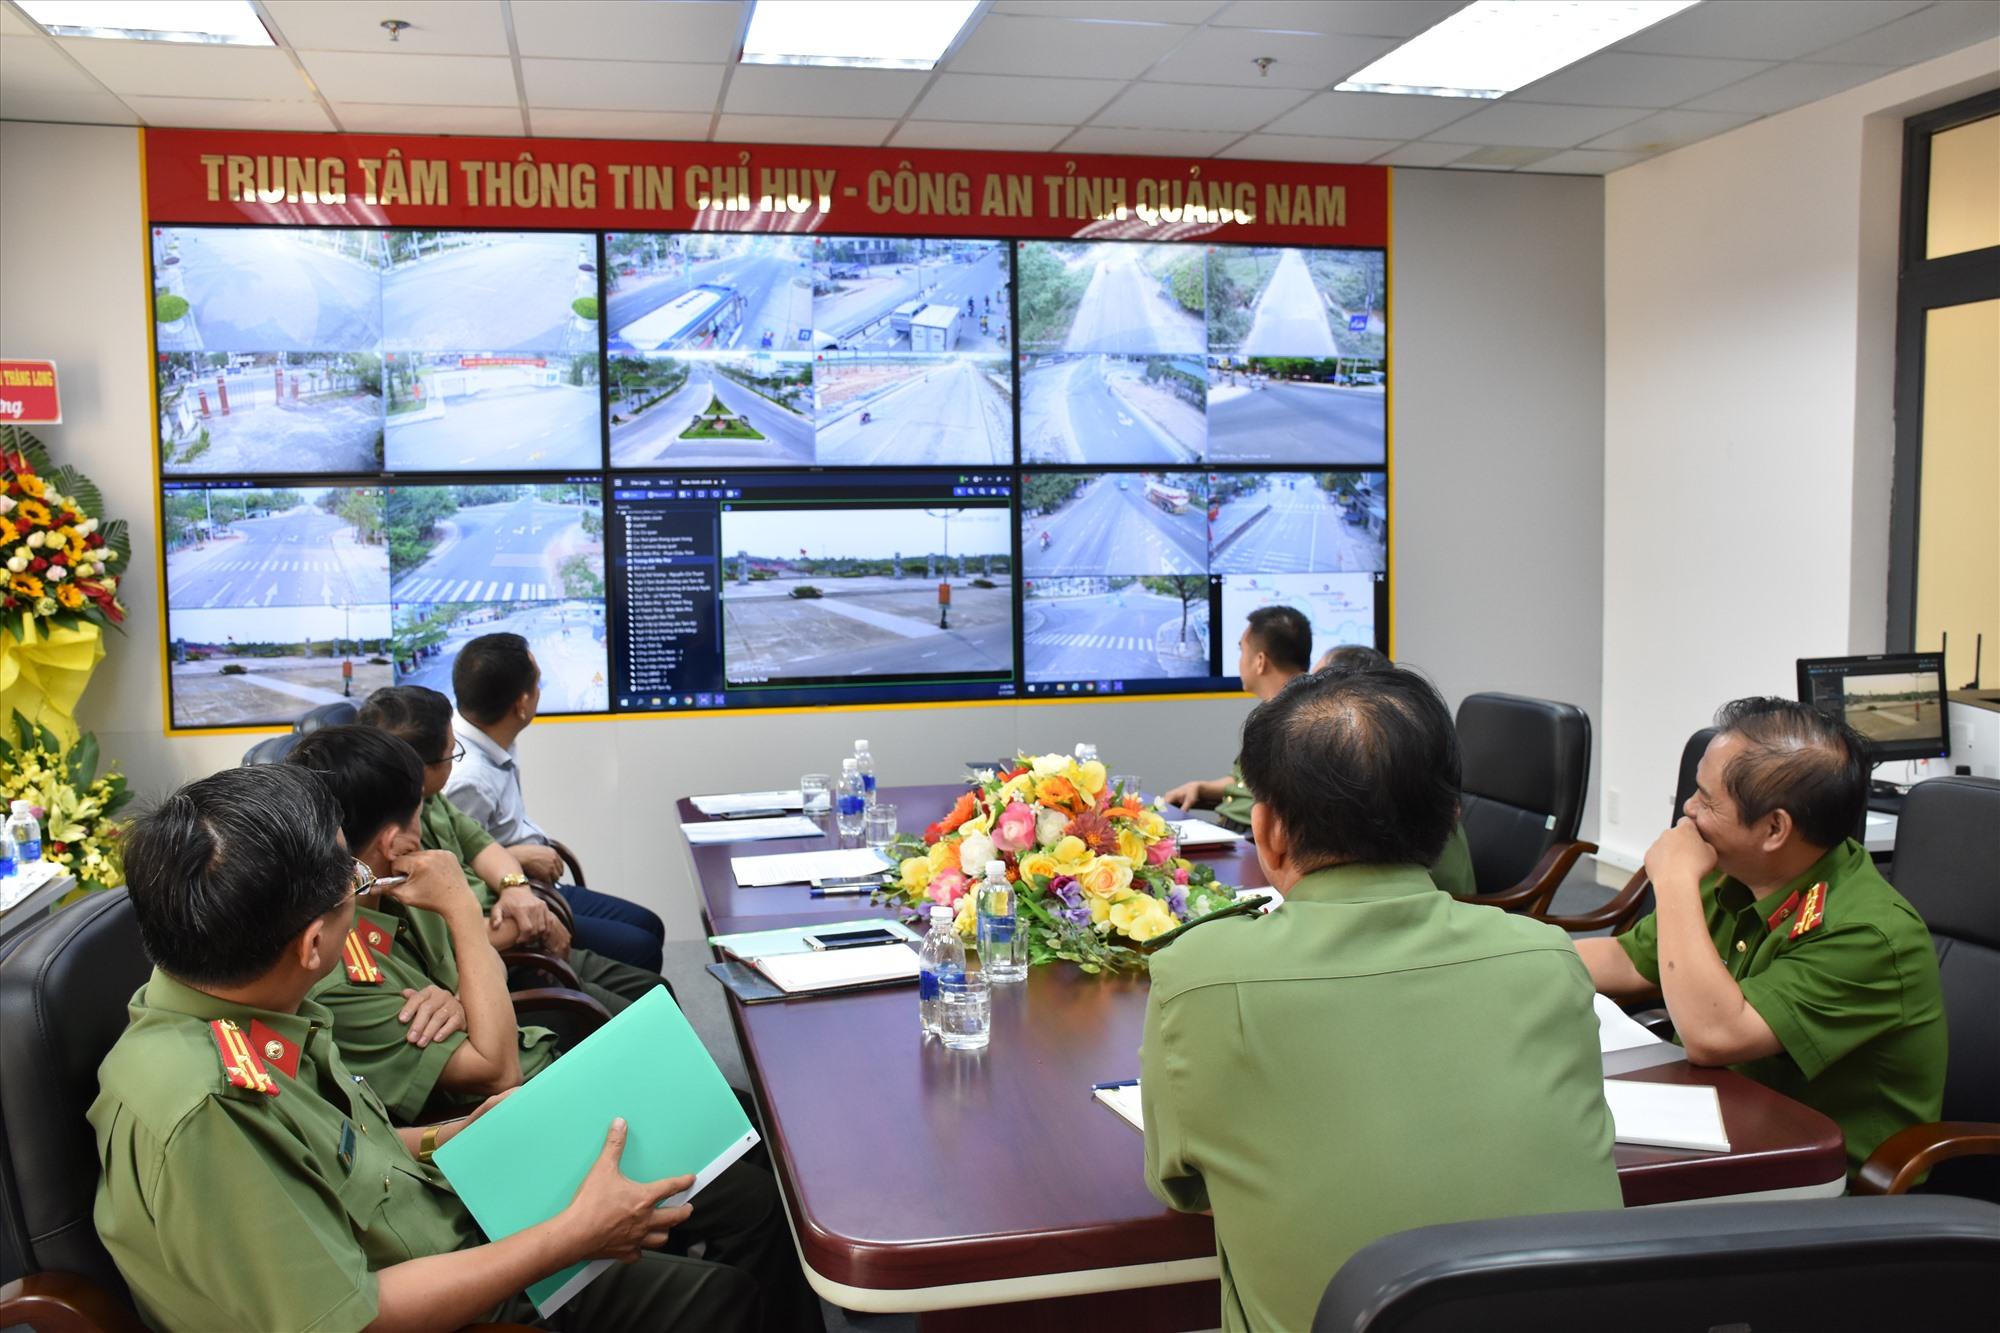 Trung tâm có 19 camera lắp đặt tại 14 điểm trên địa bàn thành phố Tam Kỳ và sẽ được mở rộng hơn trong thời gian tới. Ảnh: MINH TUẤN